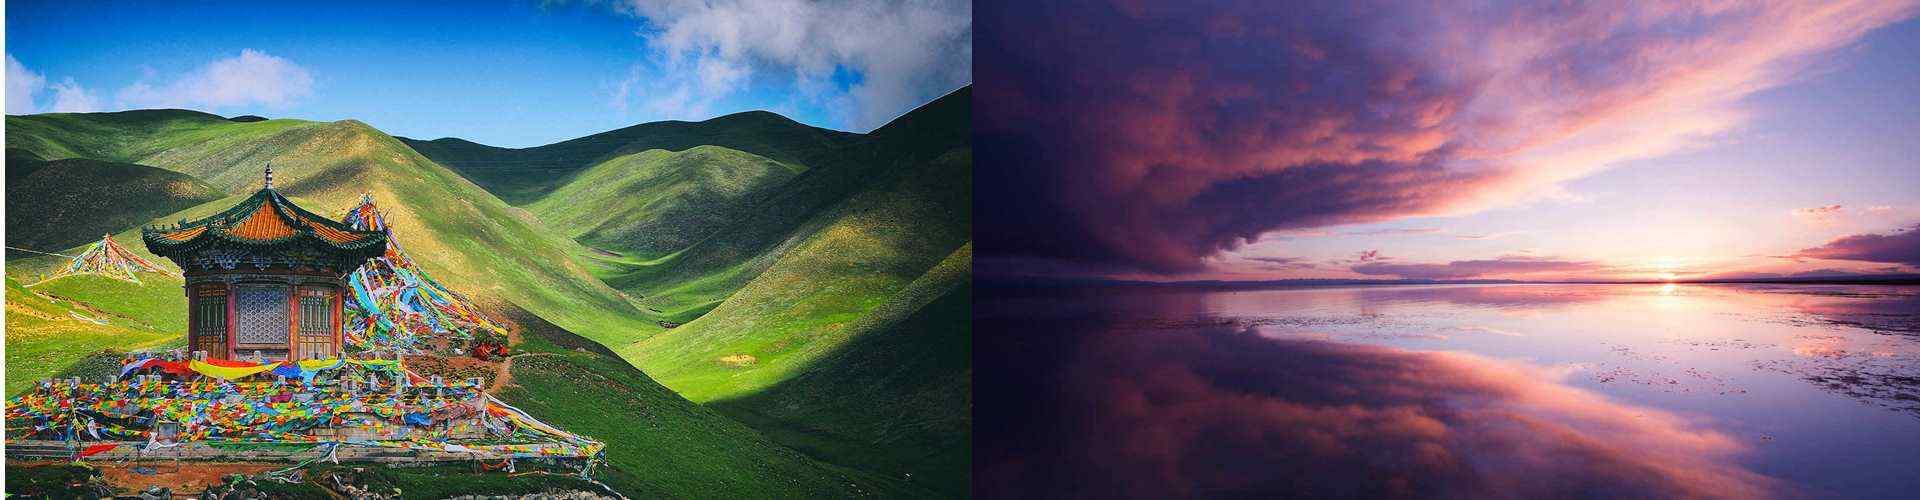 青海湖_青海湖风景图片_唯美的青海湖桌面壁纸_小清新风景壁纸